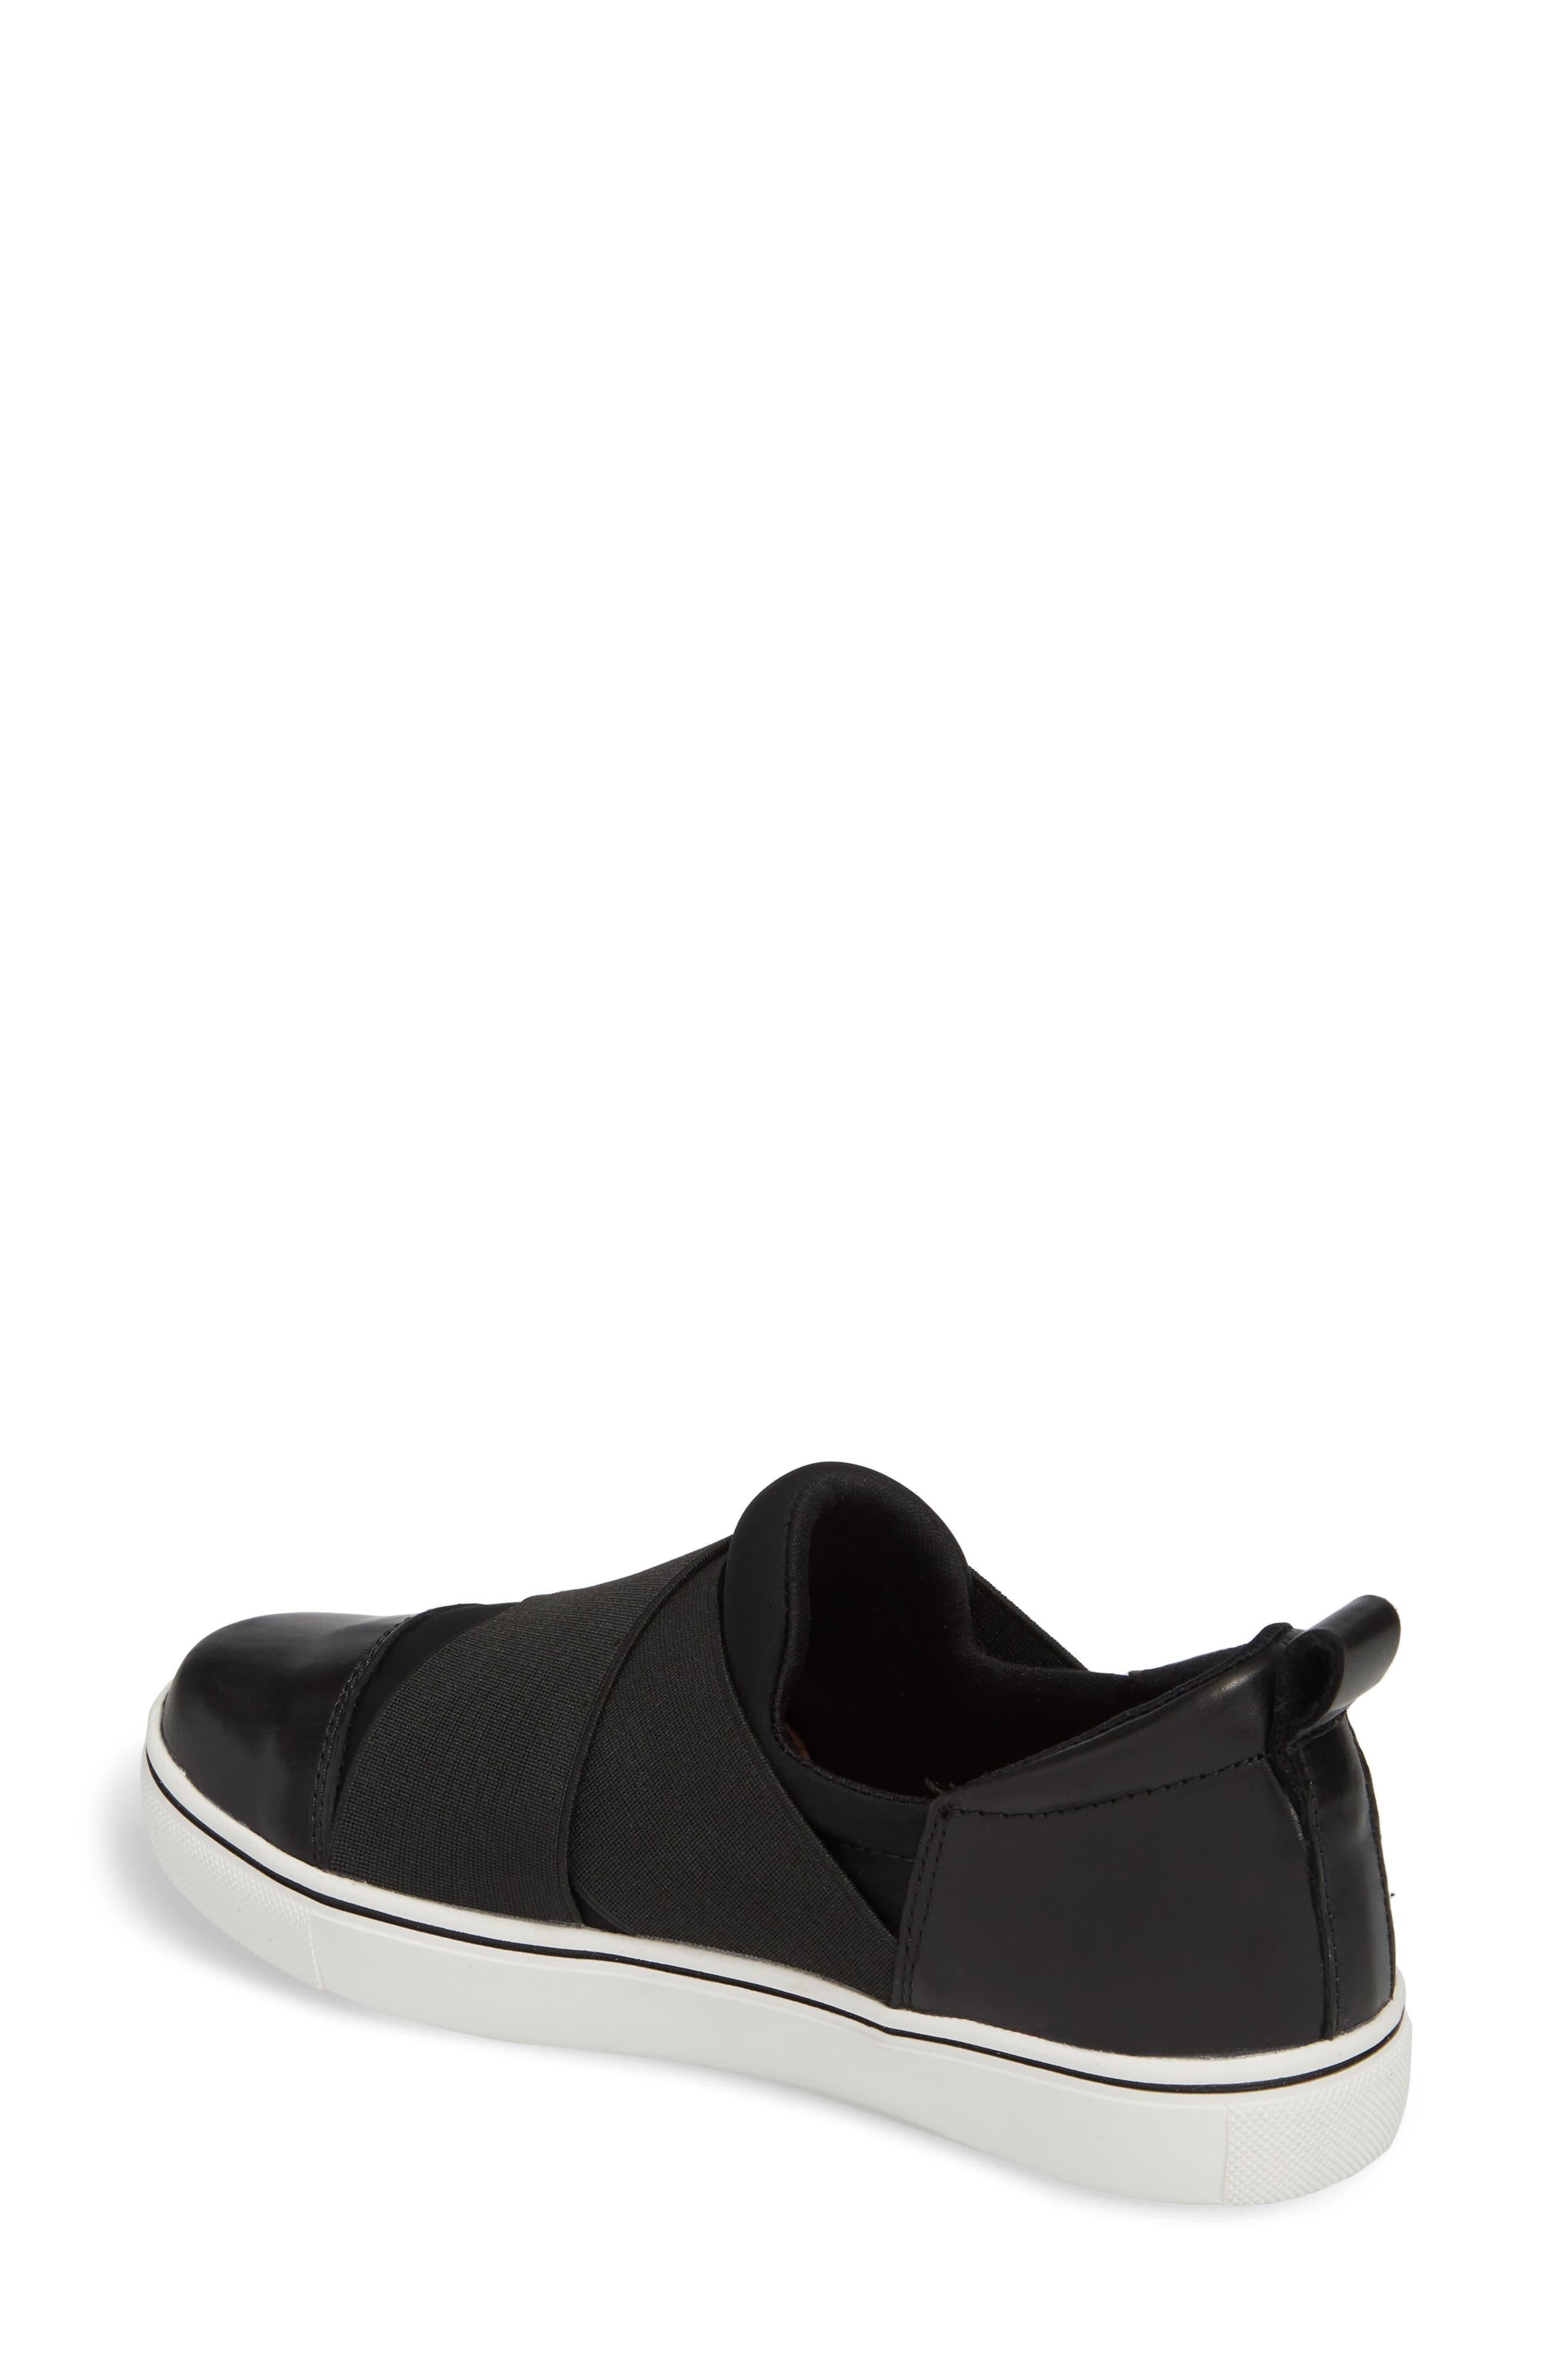 Elmwood Slip-On Sneaker,                             Alternate thumbnail 2, color,                             BLACK LEATHER